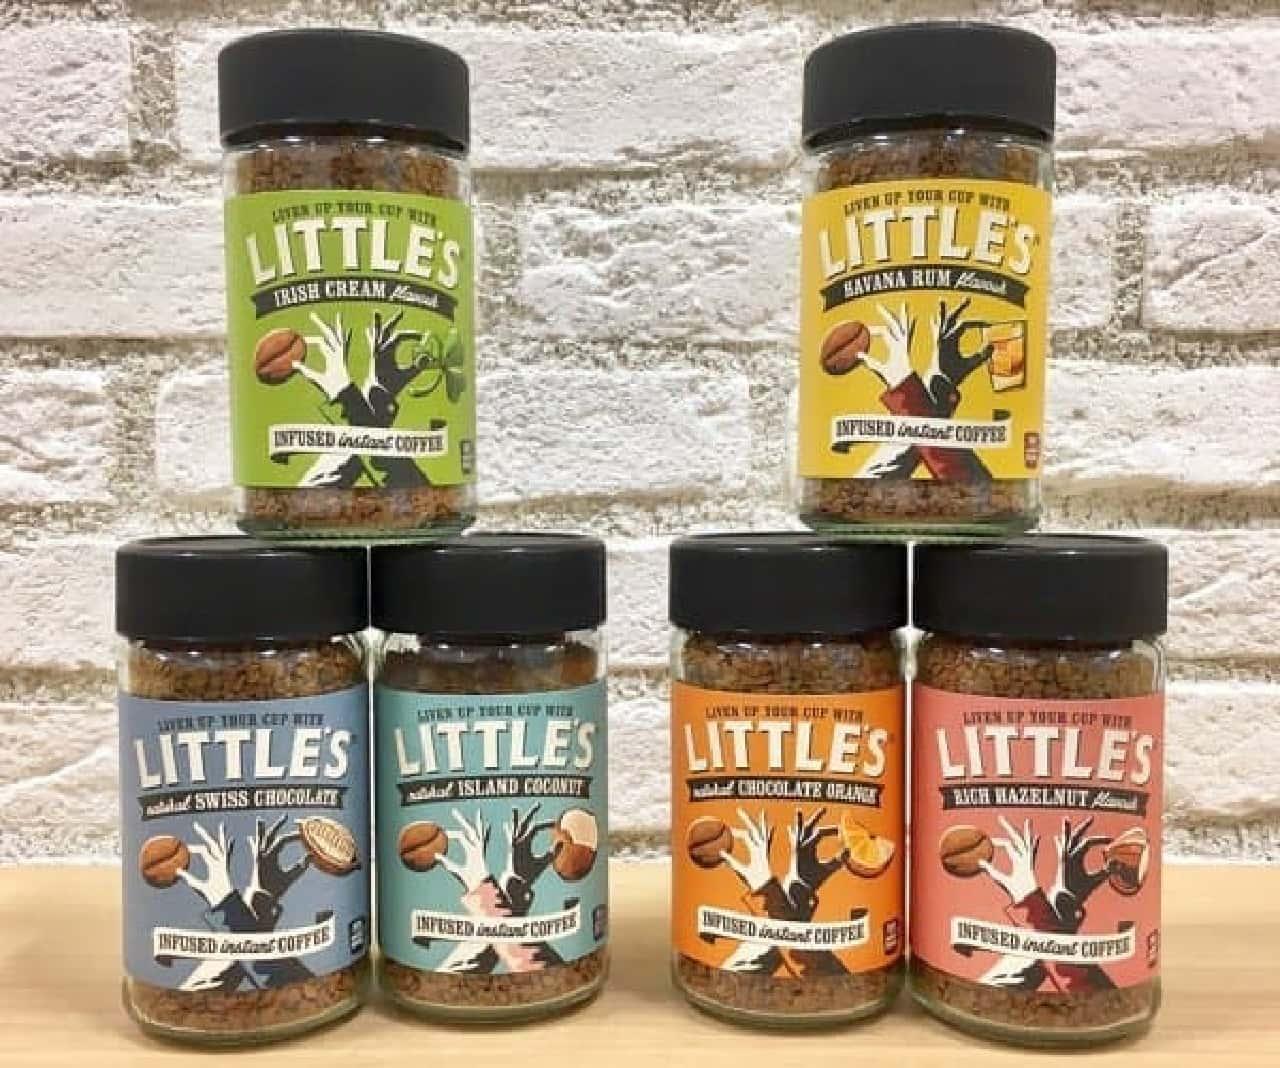 プラザにイギリス産のインスタントフレーバーコーヒー「LITTLE'S(リトルズ)」